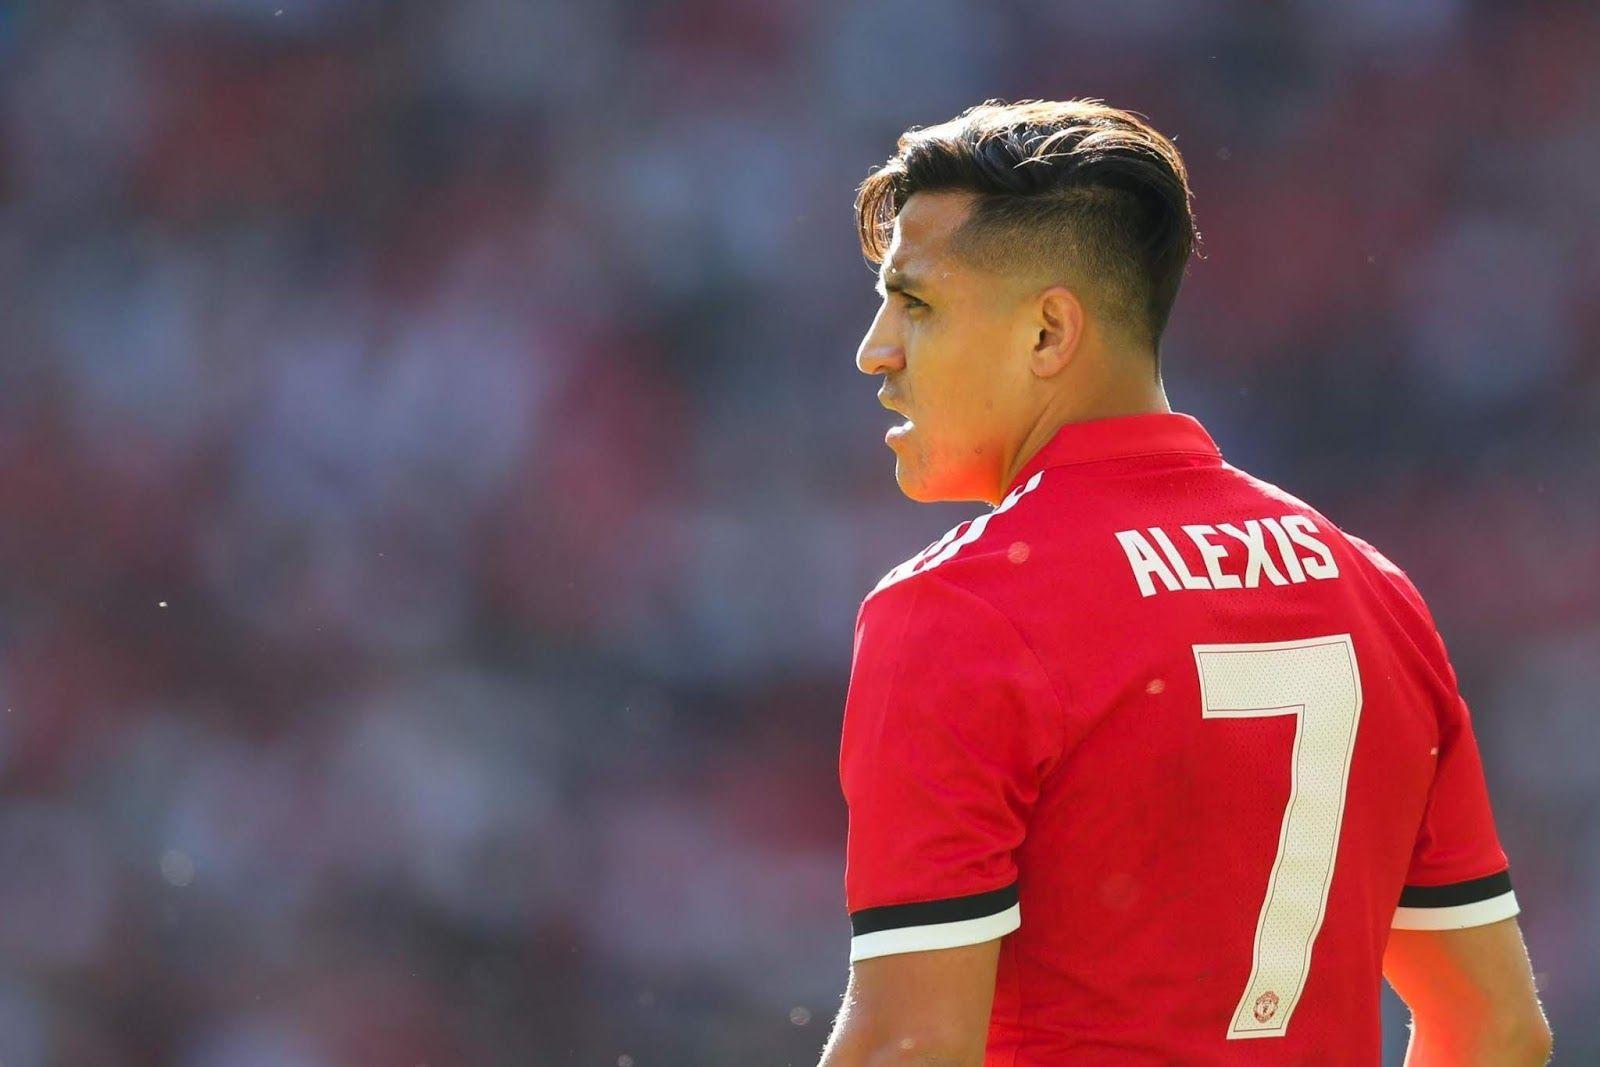 Beinsport Chili meninggalkan bintang depan Alexis